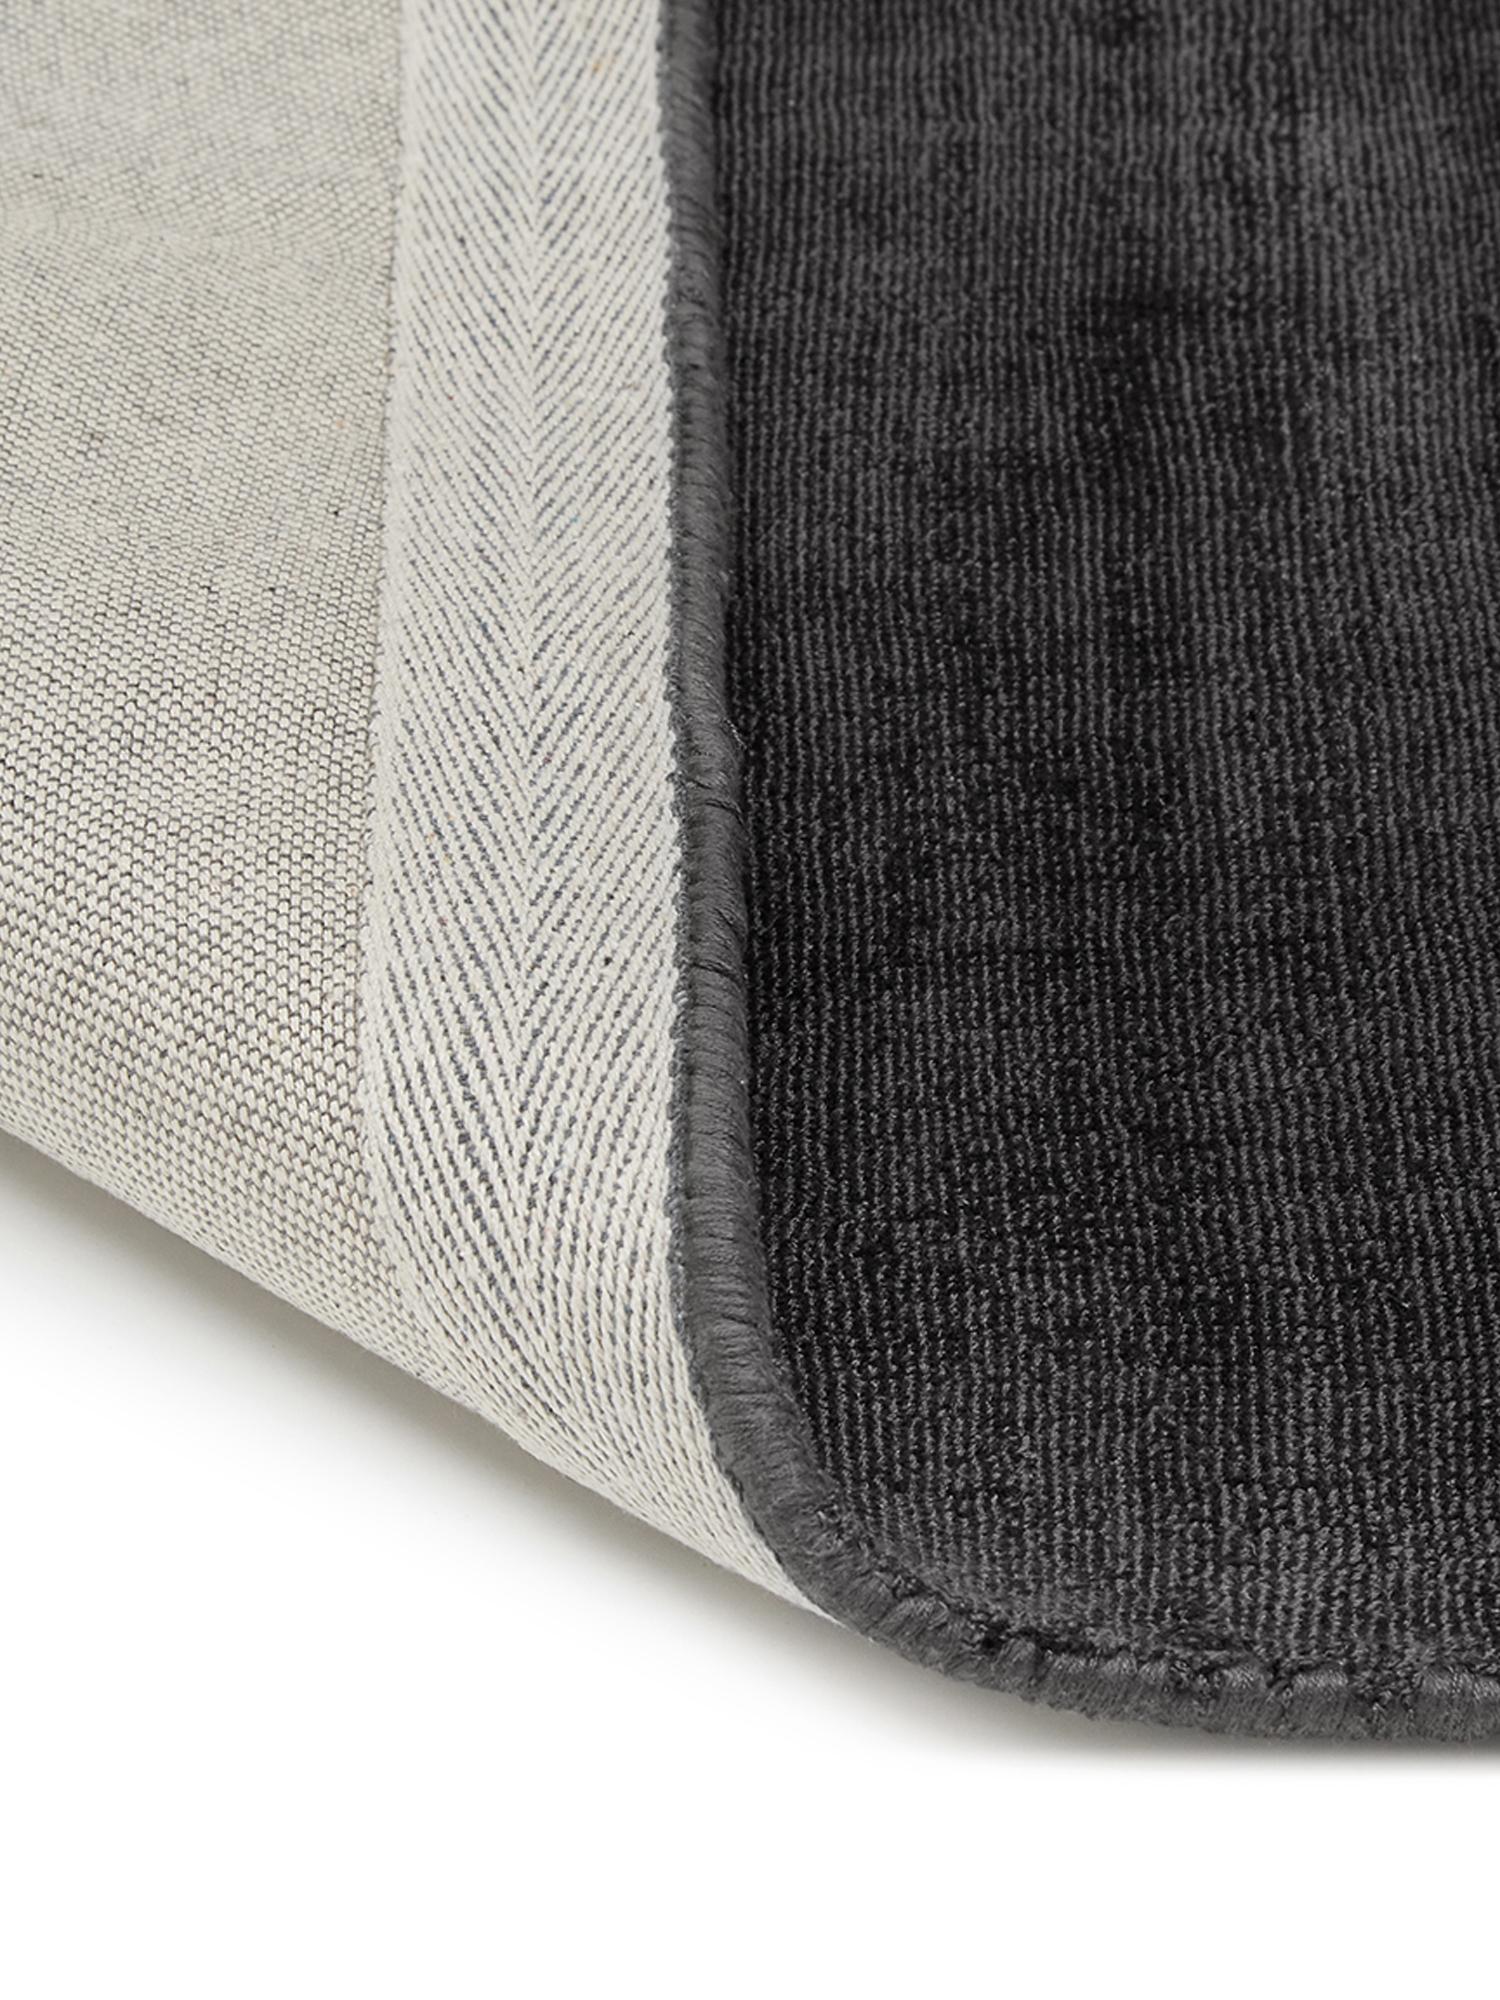 Alfombra artesanal de viscosa Jane, Parte superior: 100%viscosa, Reverso: 100%algodón, Negro antracita, An 120 x L 180 cm (Tamaño S)